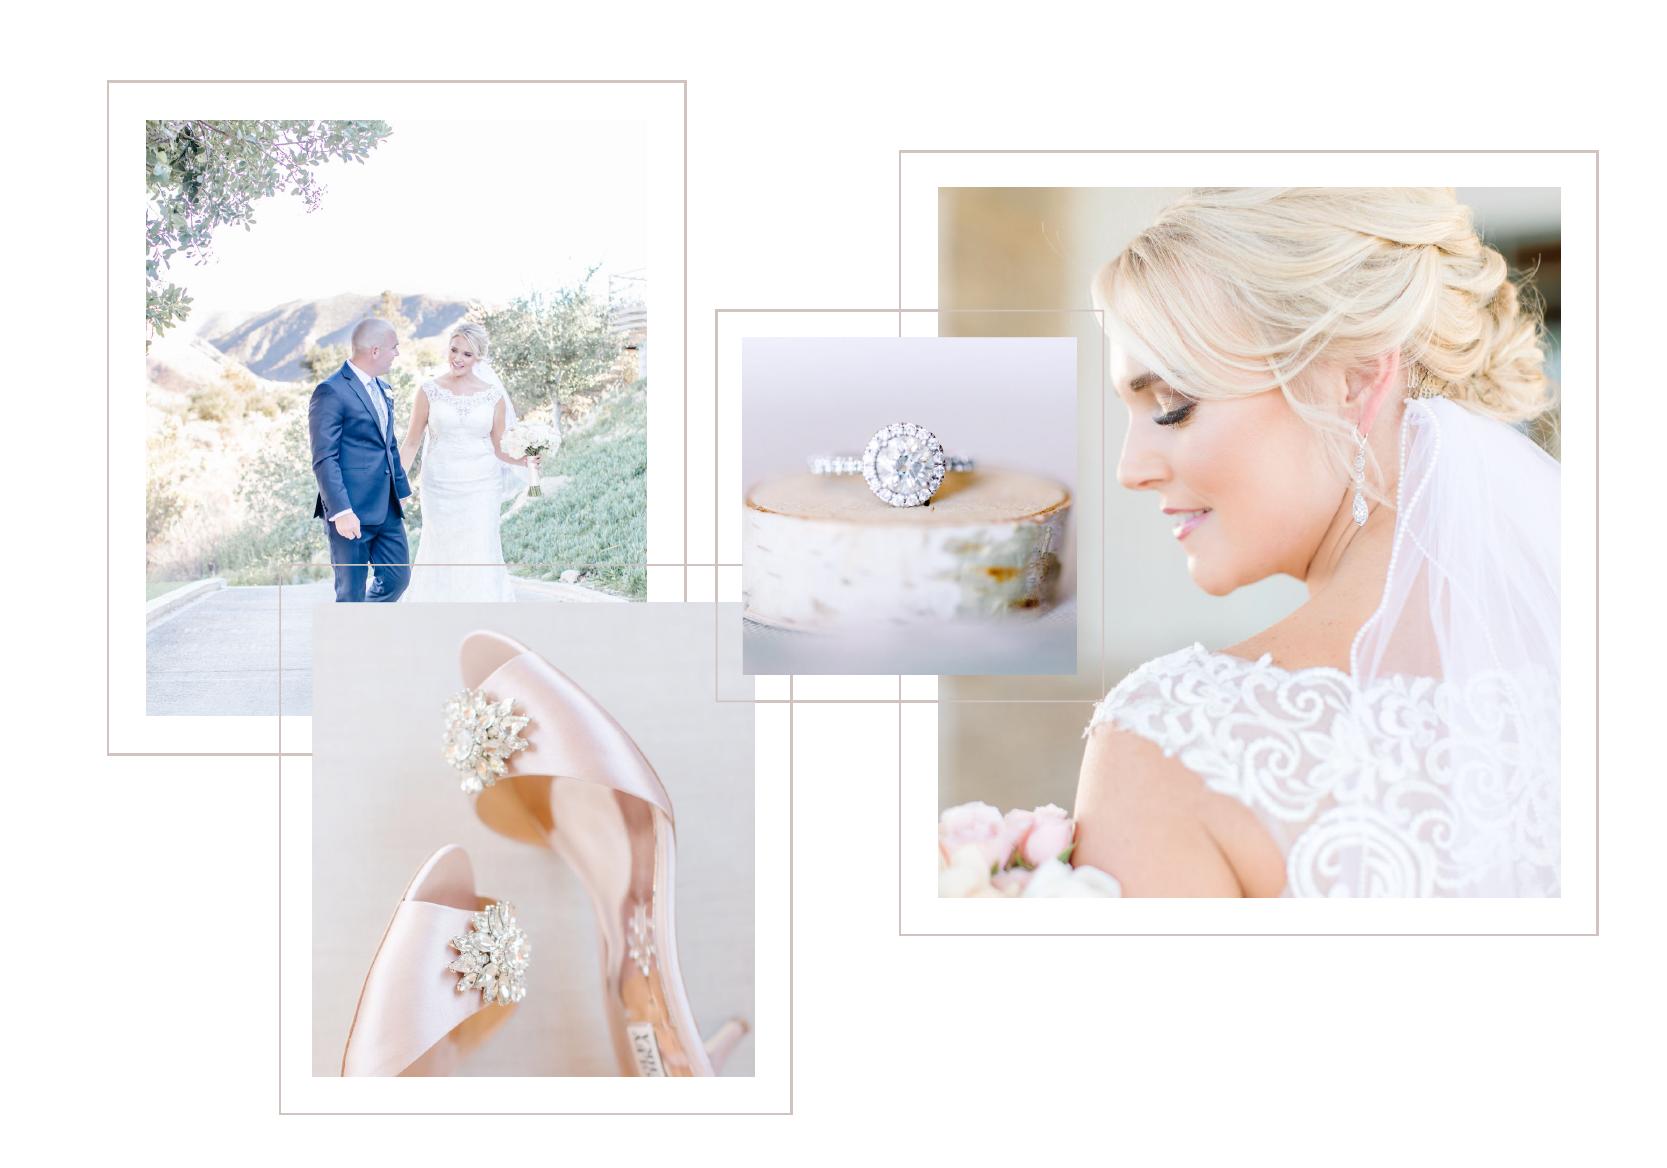 Details Weddings_Desktop sneak peeks.png